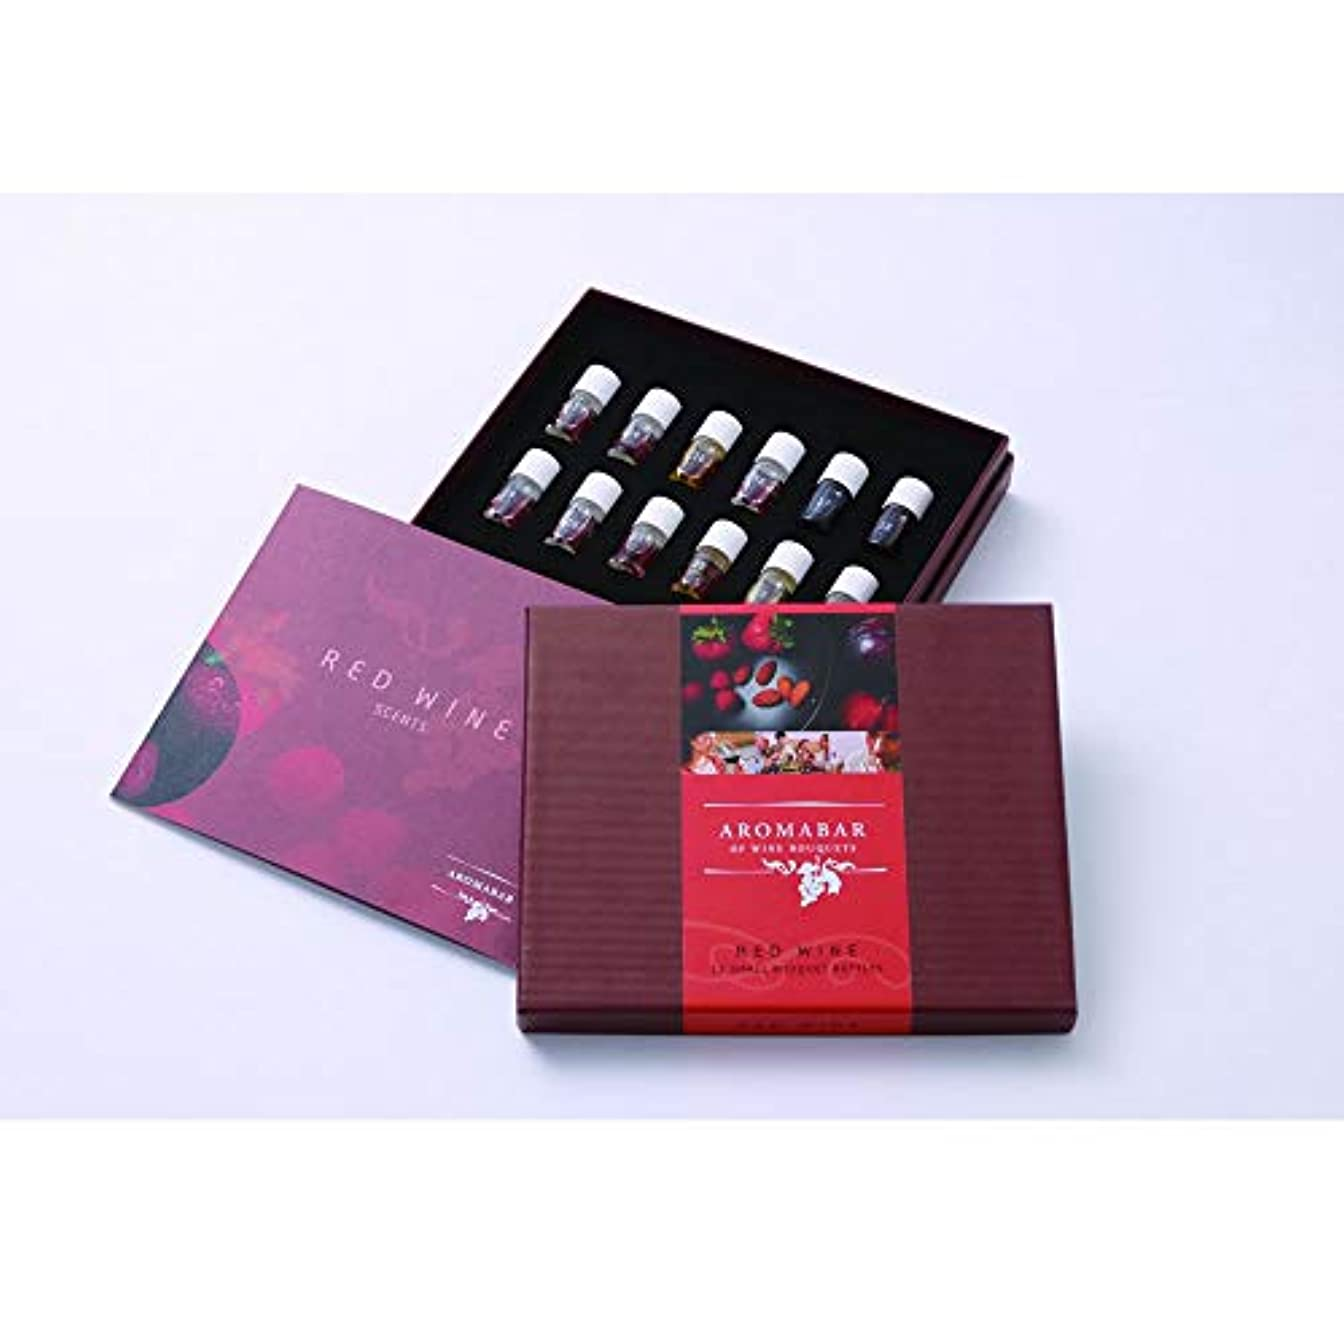 戦士プレゼンター公平送料無料 グローバル アロマバー12種入シリーズ レッドワイン ワイン テイスティング ソムリエ レッスン 香り